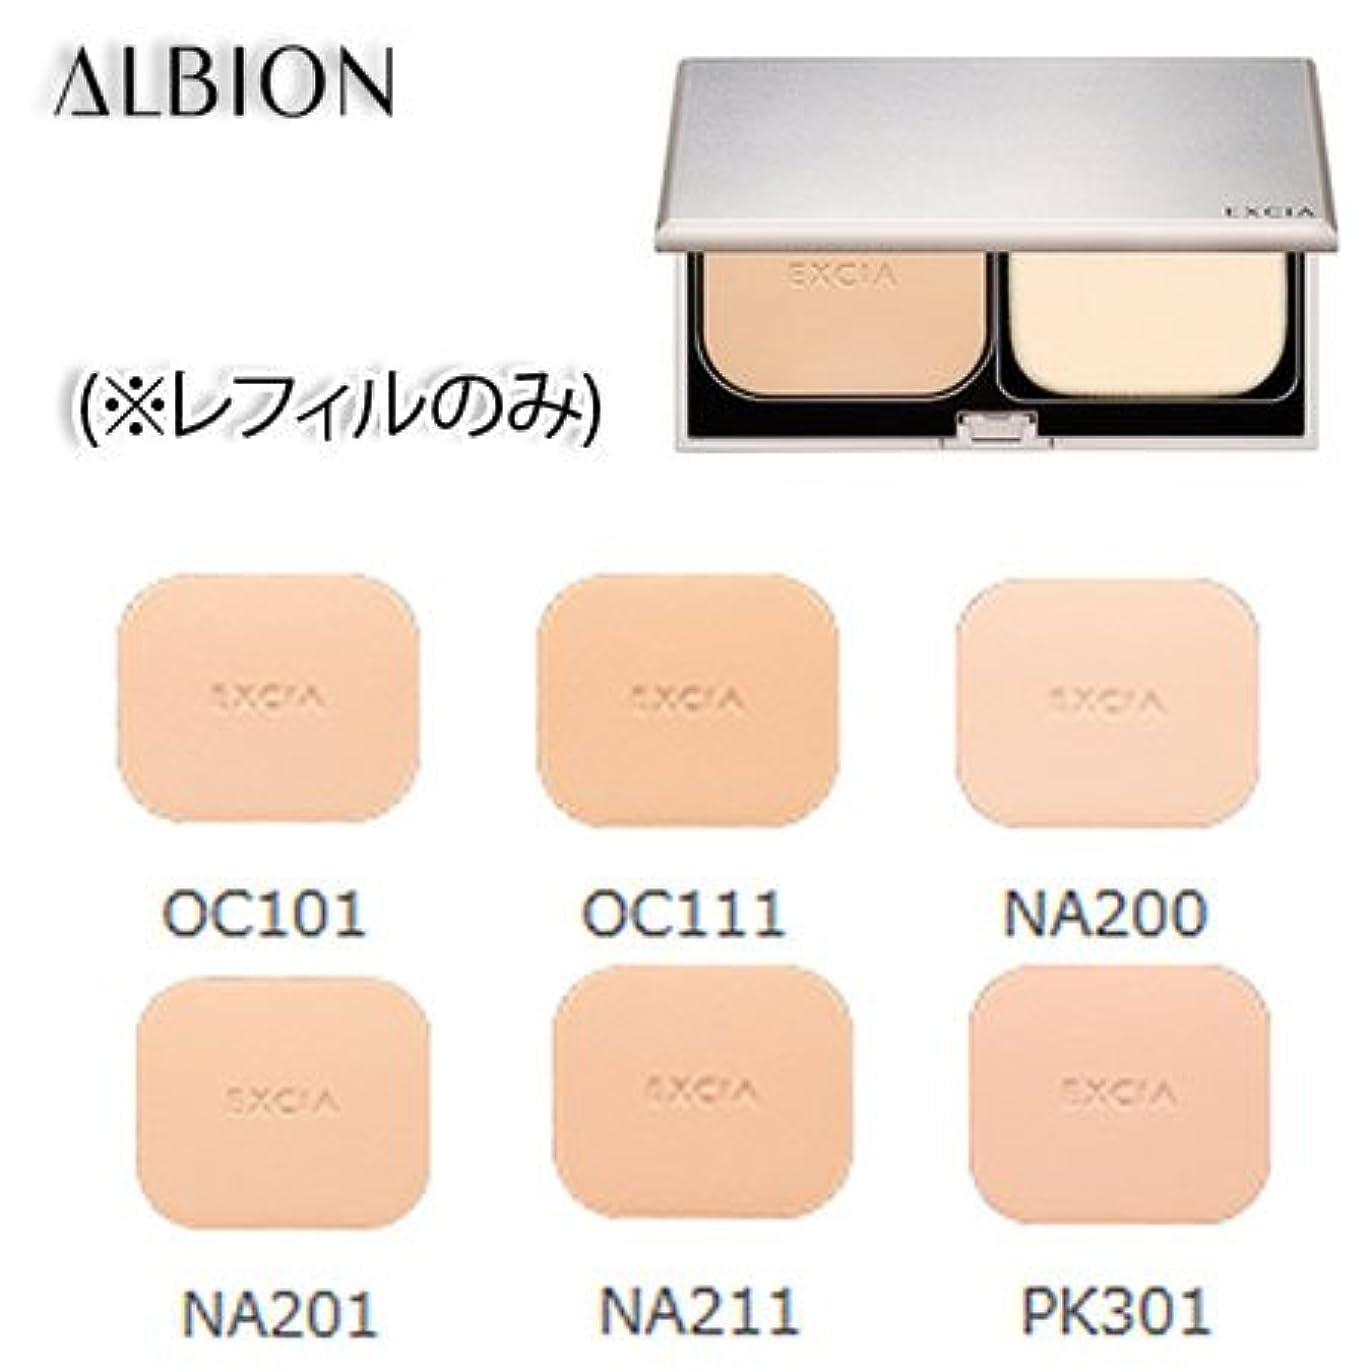 より多い忌まわしい表示アルビオン エクシア AL ホワイトプレミアムパウダー ファンデーション SPF30 PA+++ 11g 6色 (レフィルのみ) -ALBION- NA201